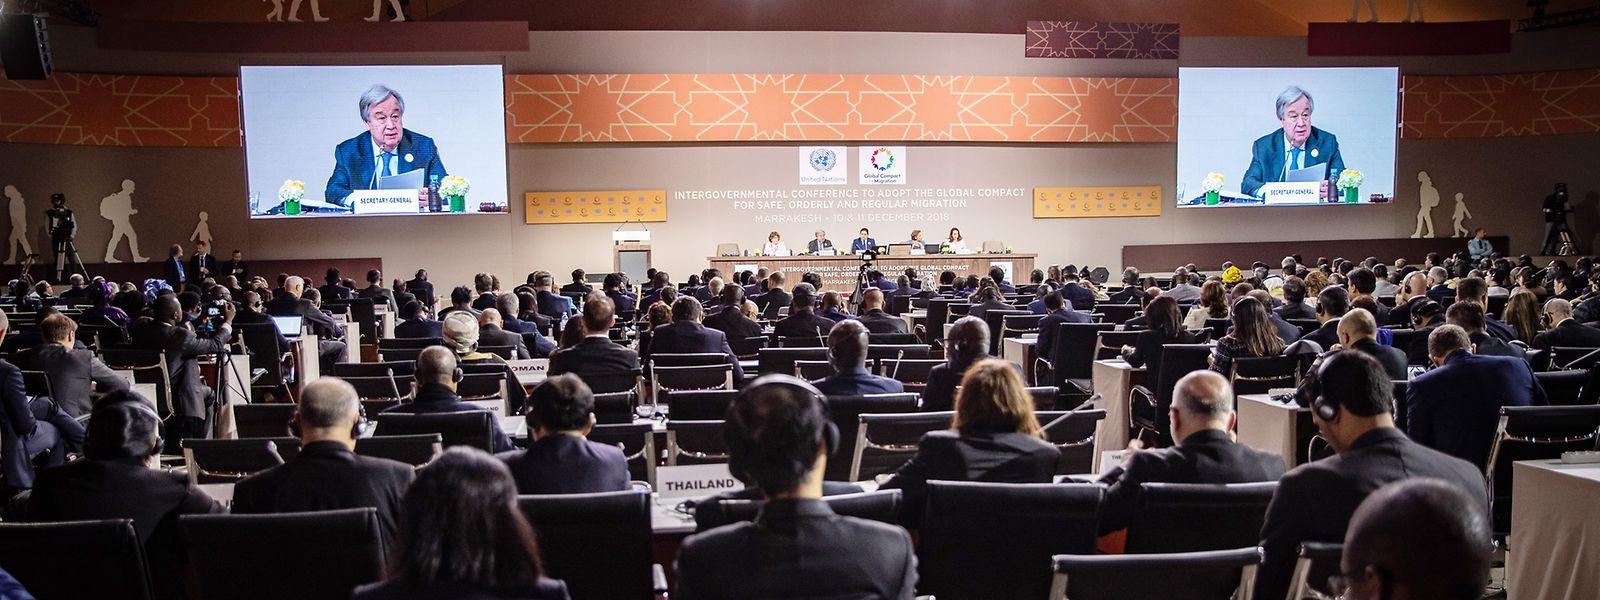 Marrakesch: António Guterres, Generalsekretär der Vereinten Nationen, spricht bei der Eröffnung der UN-Konferenz zum Migrationspakt.